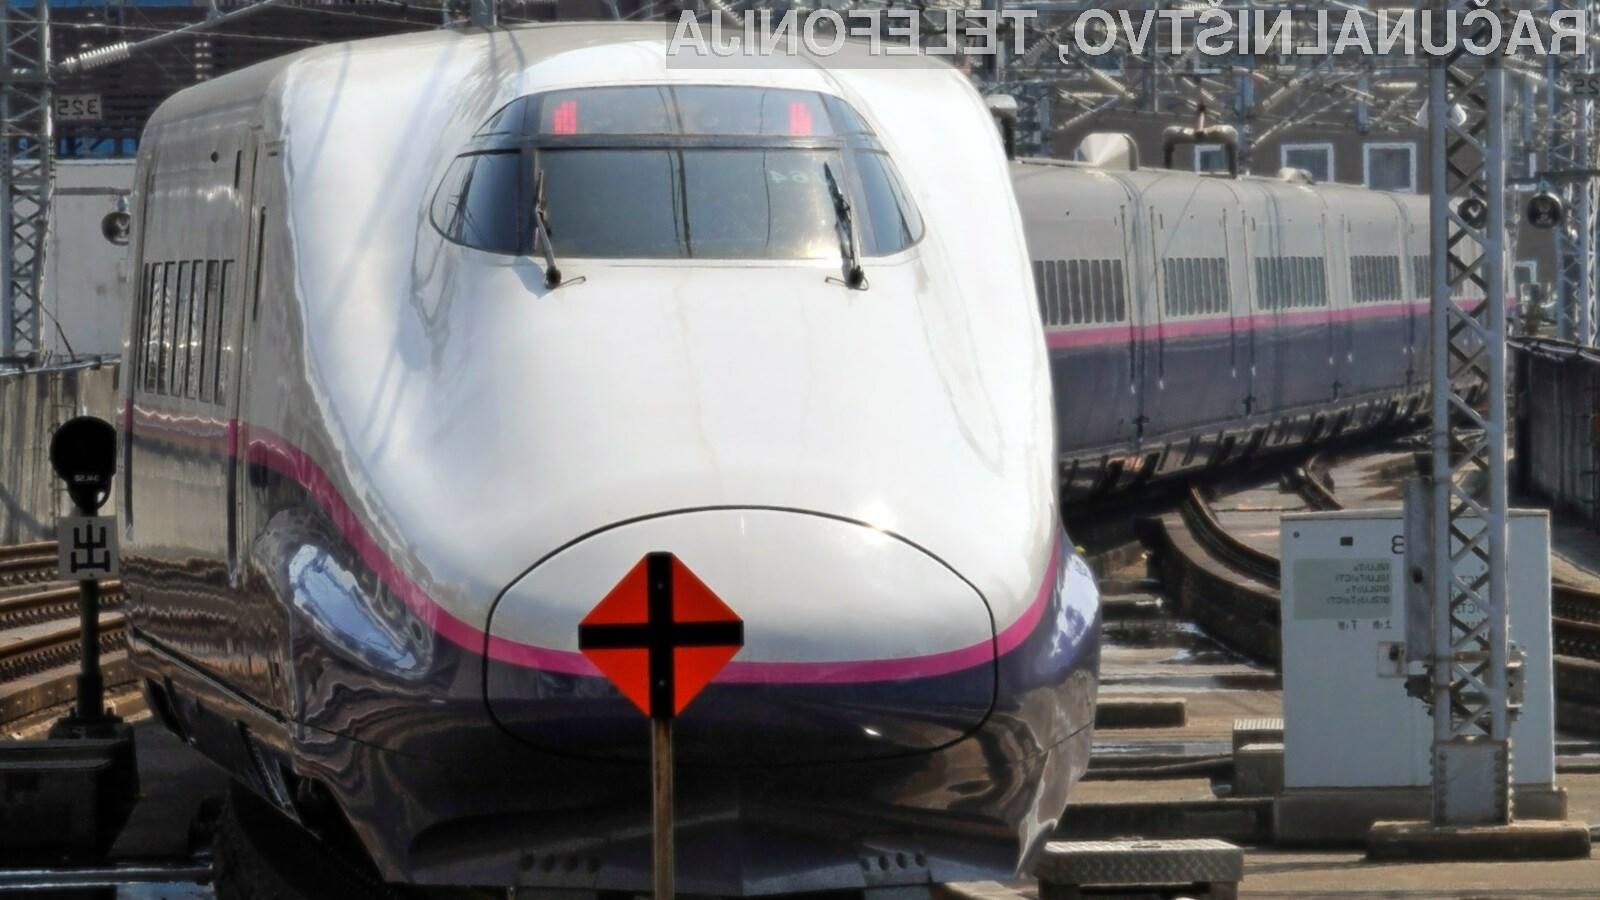 Hitrost prenosa podatkov na vlaku preko omrežja 5G je znašala kar 1,7 gigabitov na sekundo.